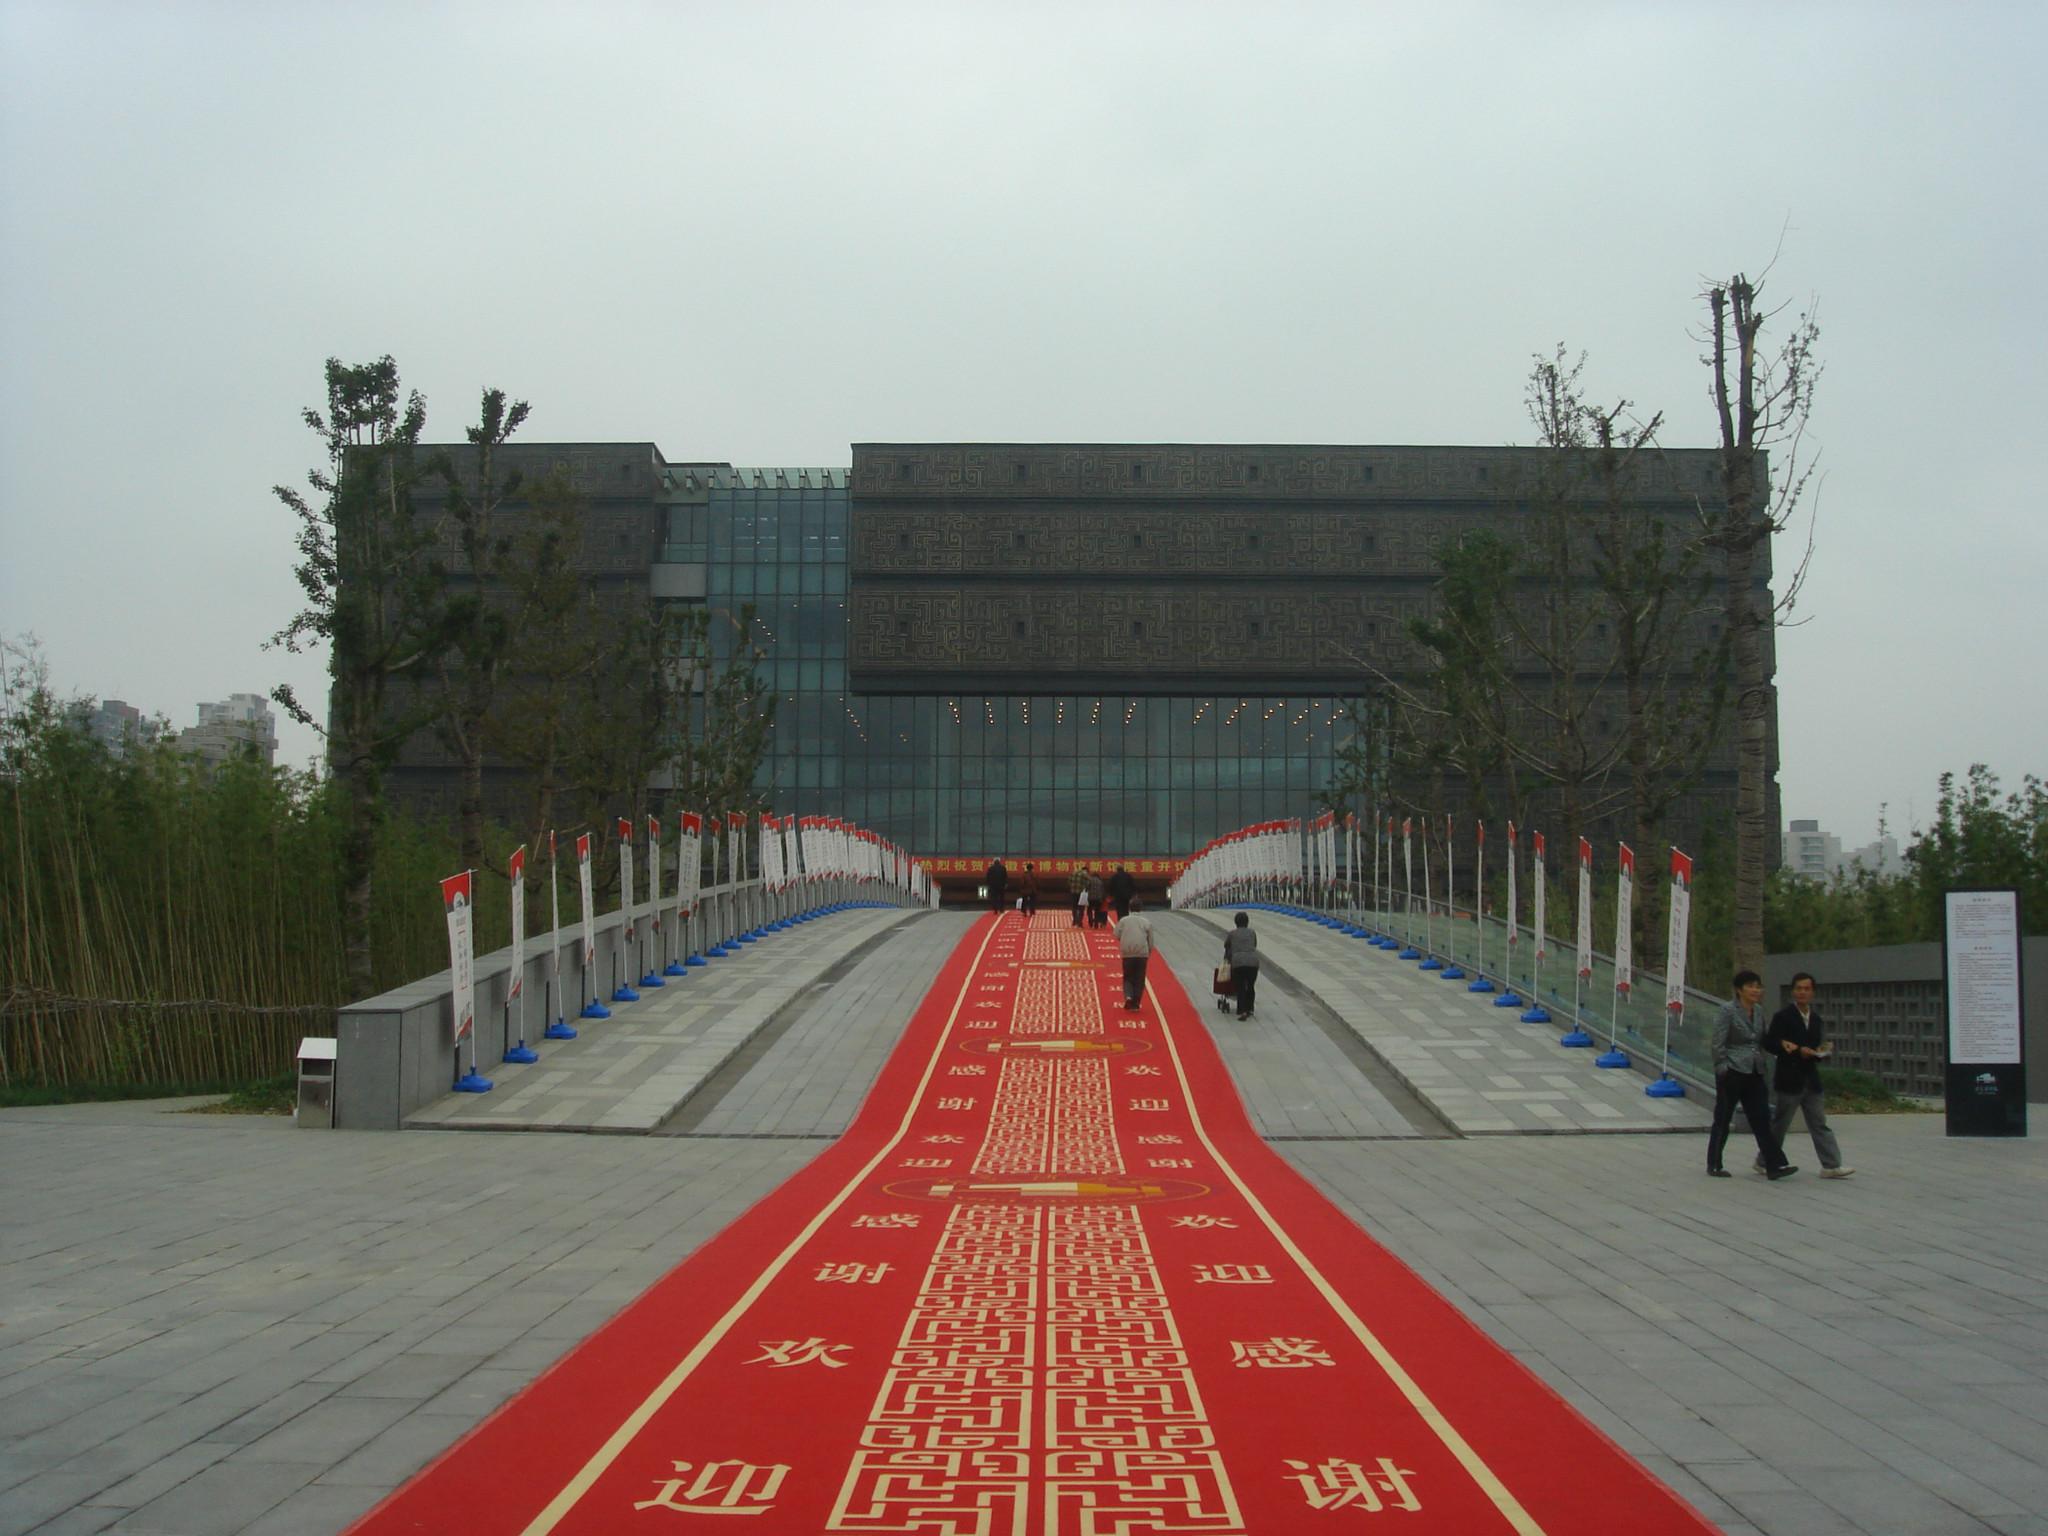 安徽省地质博物馆新馆10日于合肥正式开馆